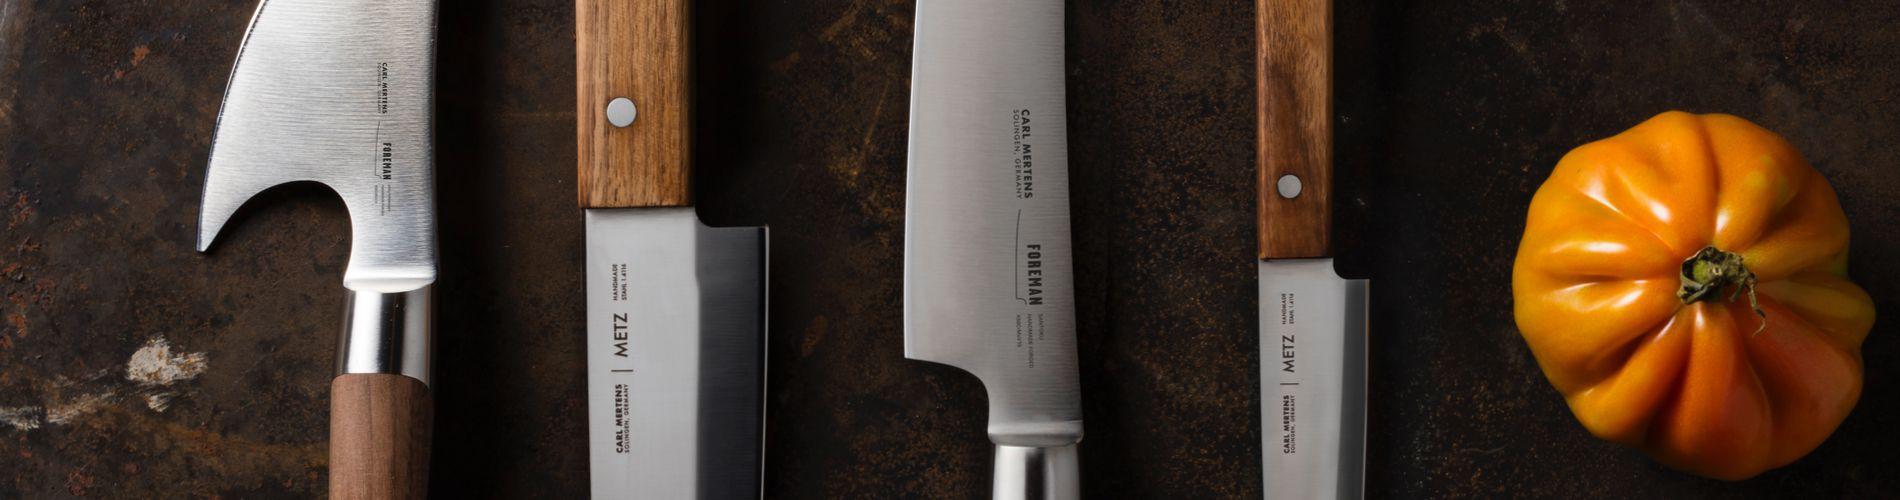 Knife finder